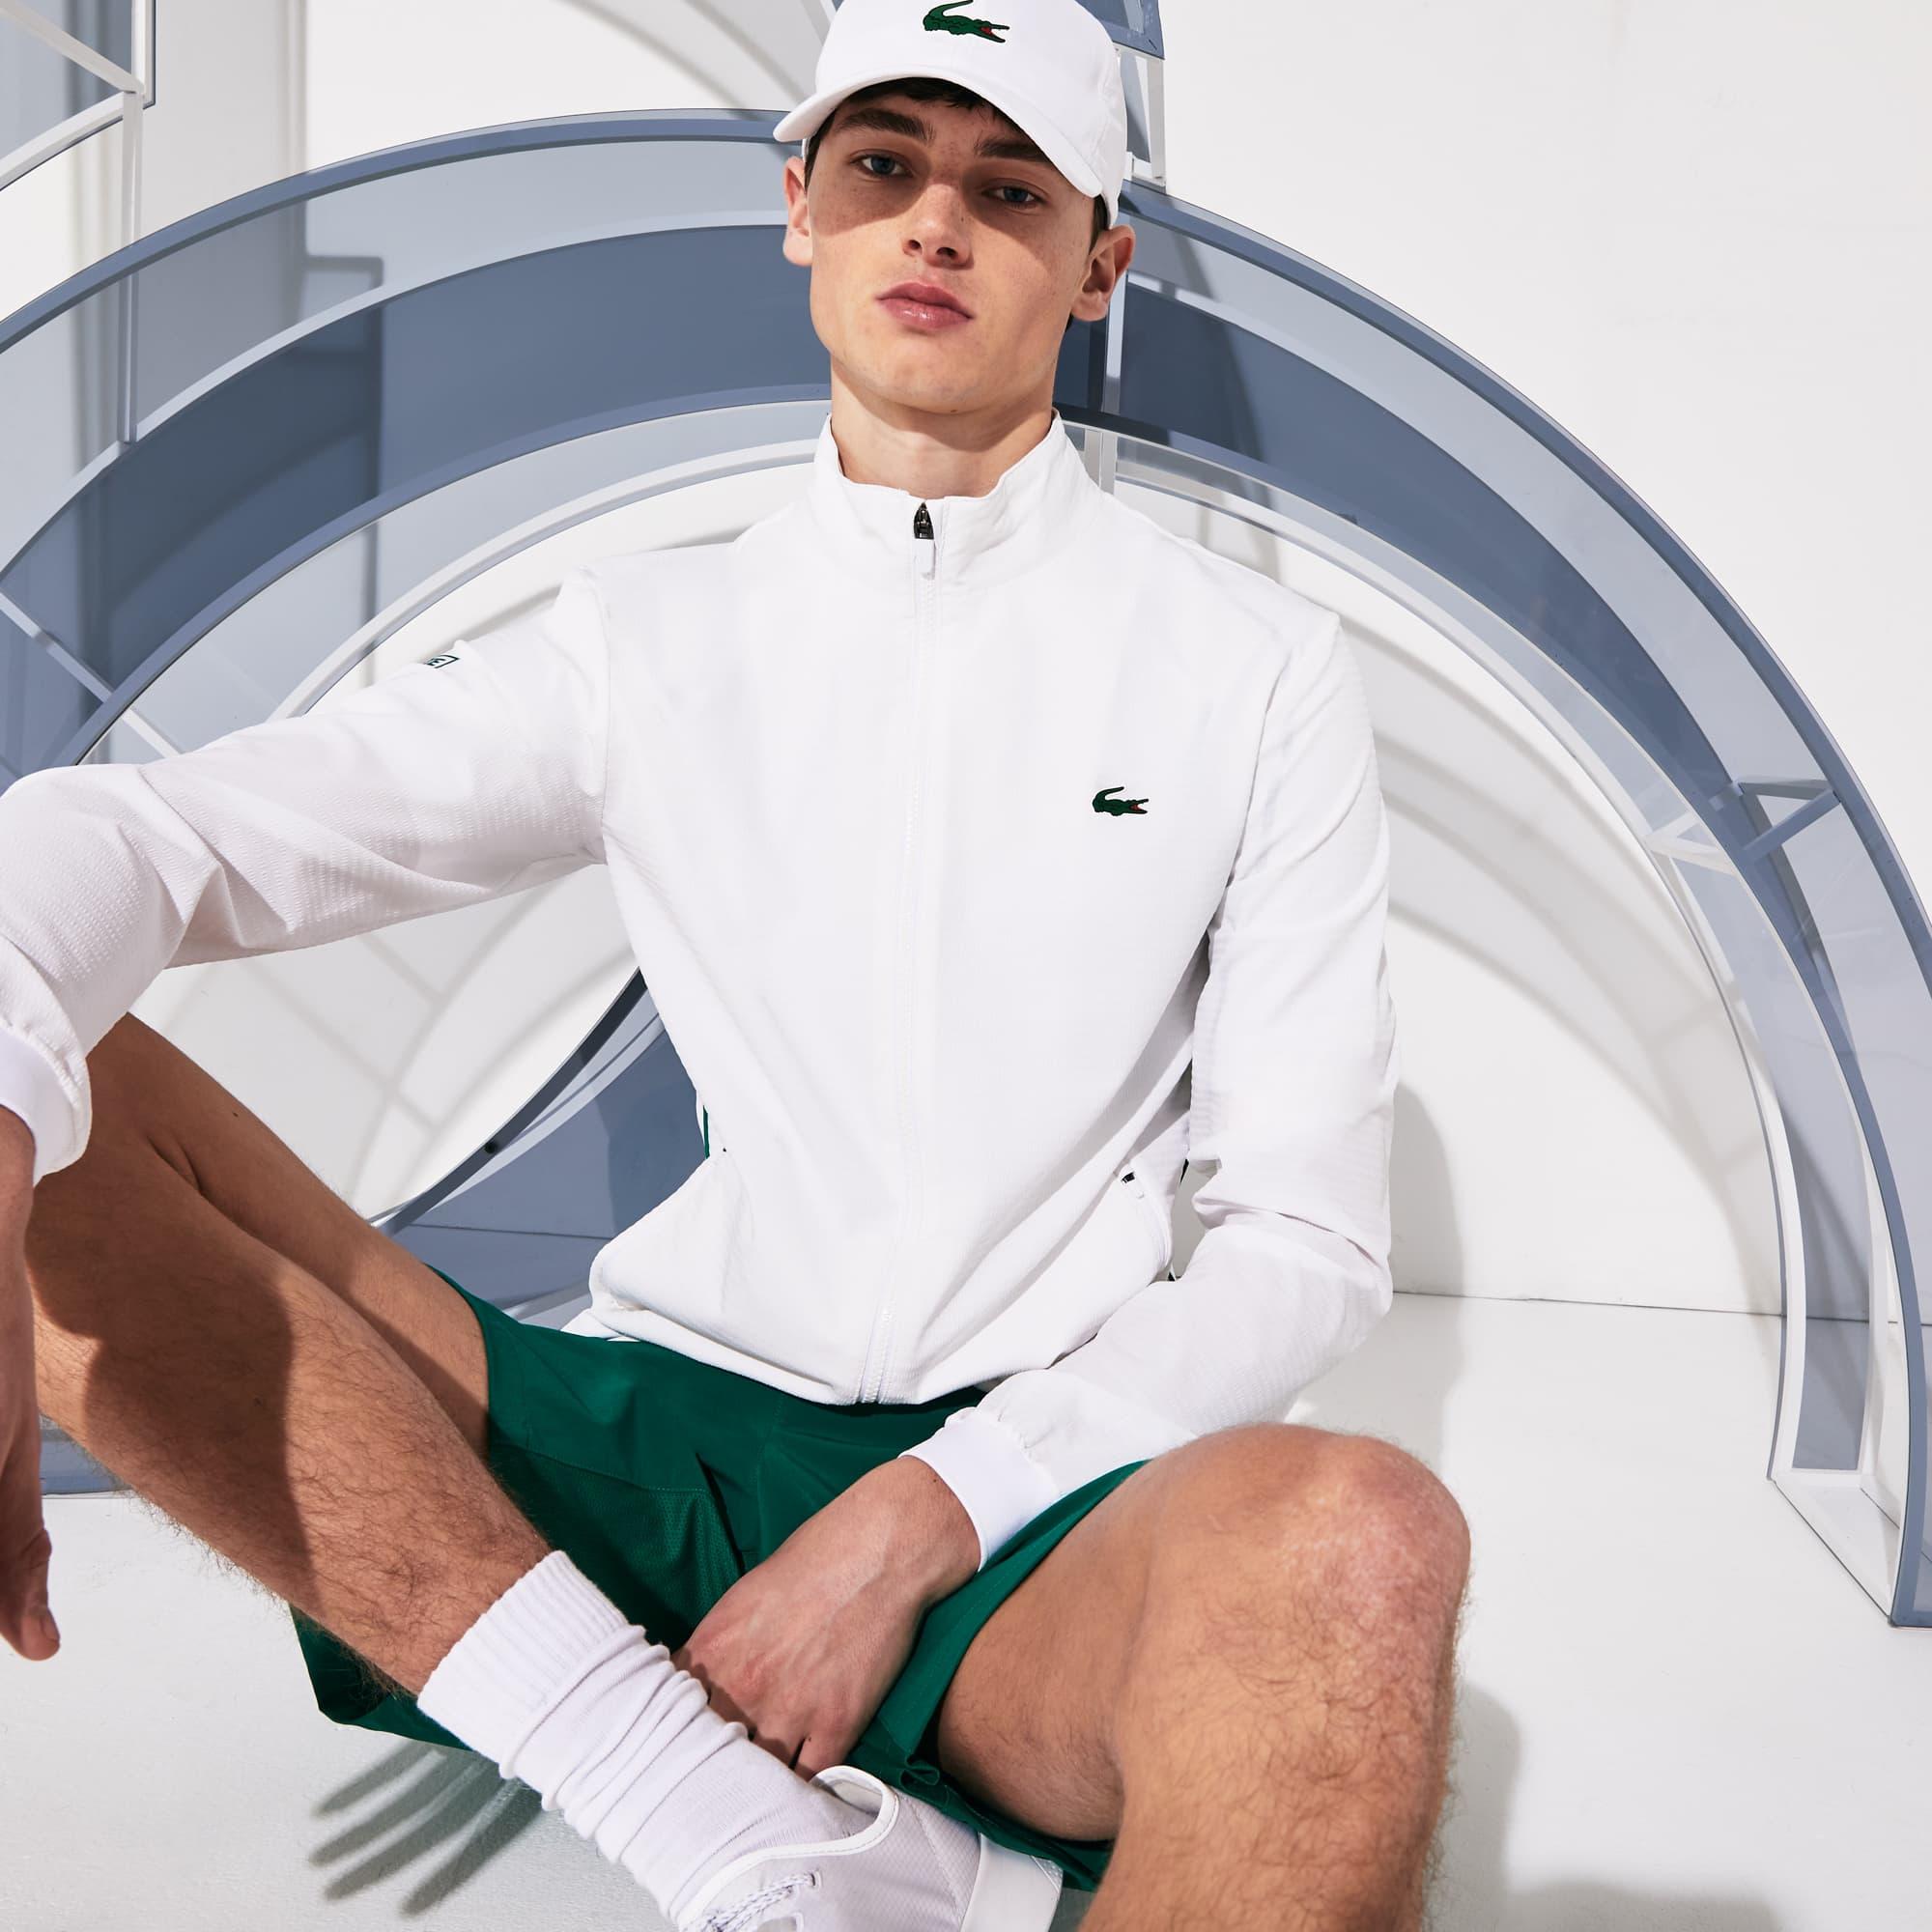 Blusão com zip e textura da coleção Novak Djokovic Lacoste x Lacoste SPORT para homem